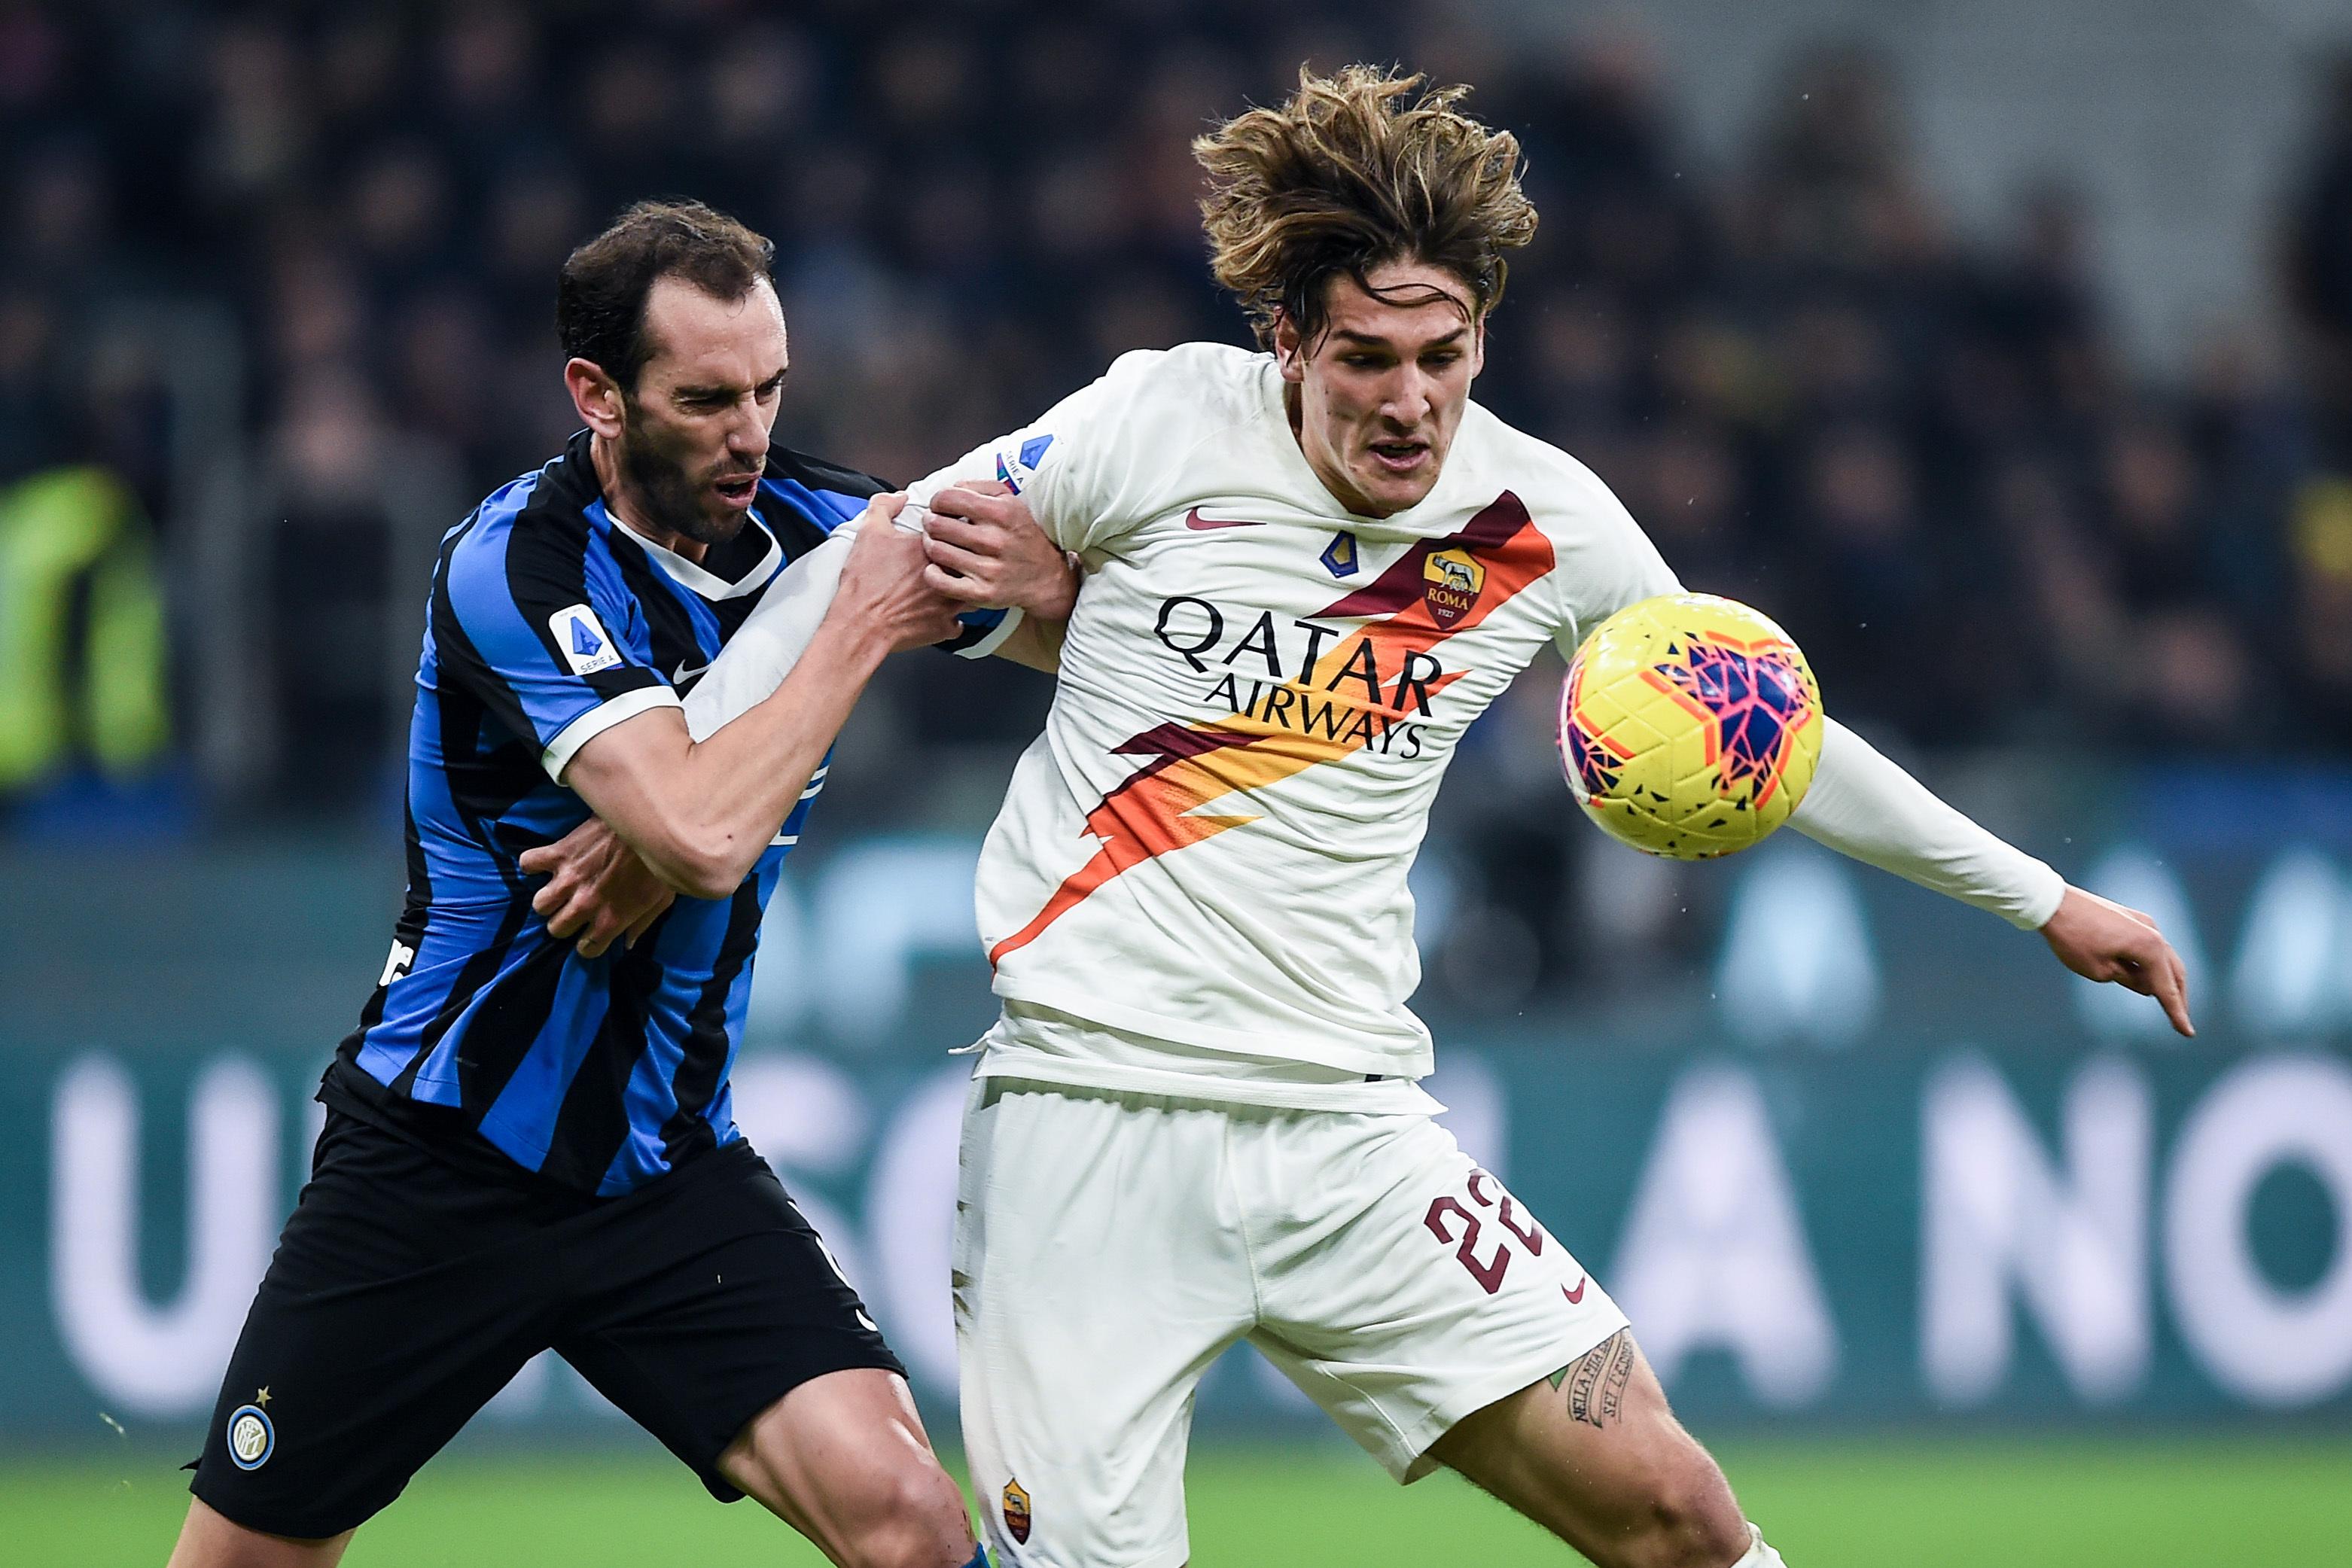 L'Inter Milan, tenu en échec par la Roma, voit son fauteuil de leader menacé - Italie - Etranger - Football